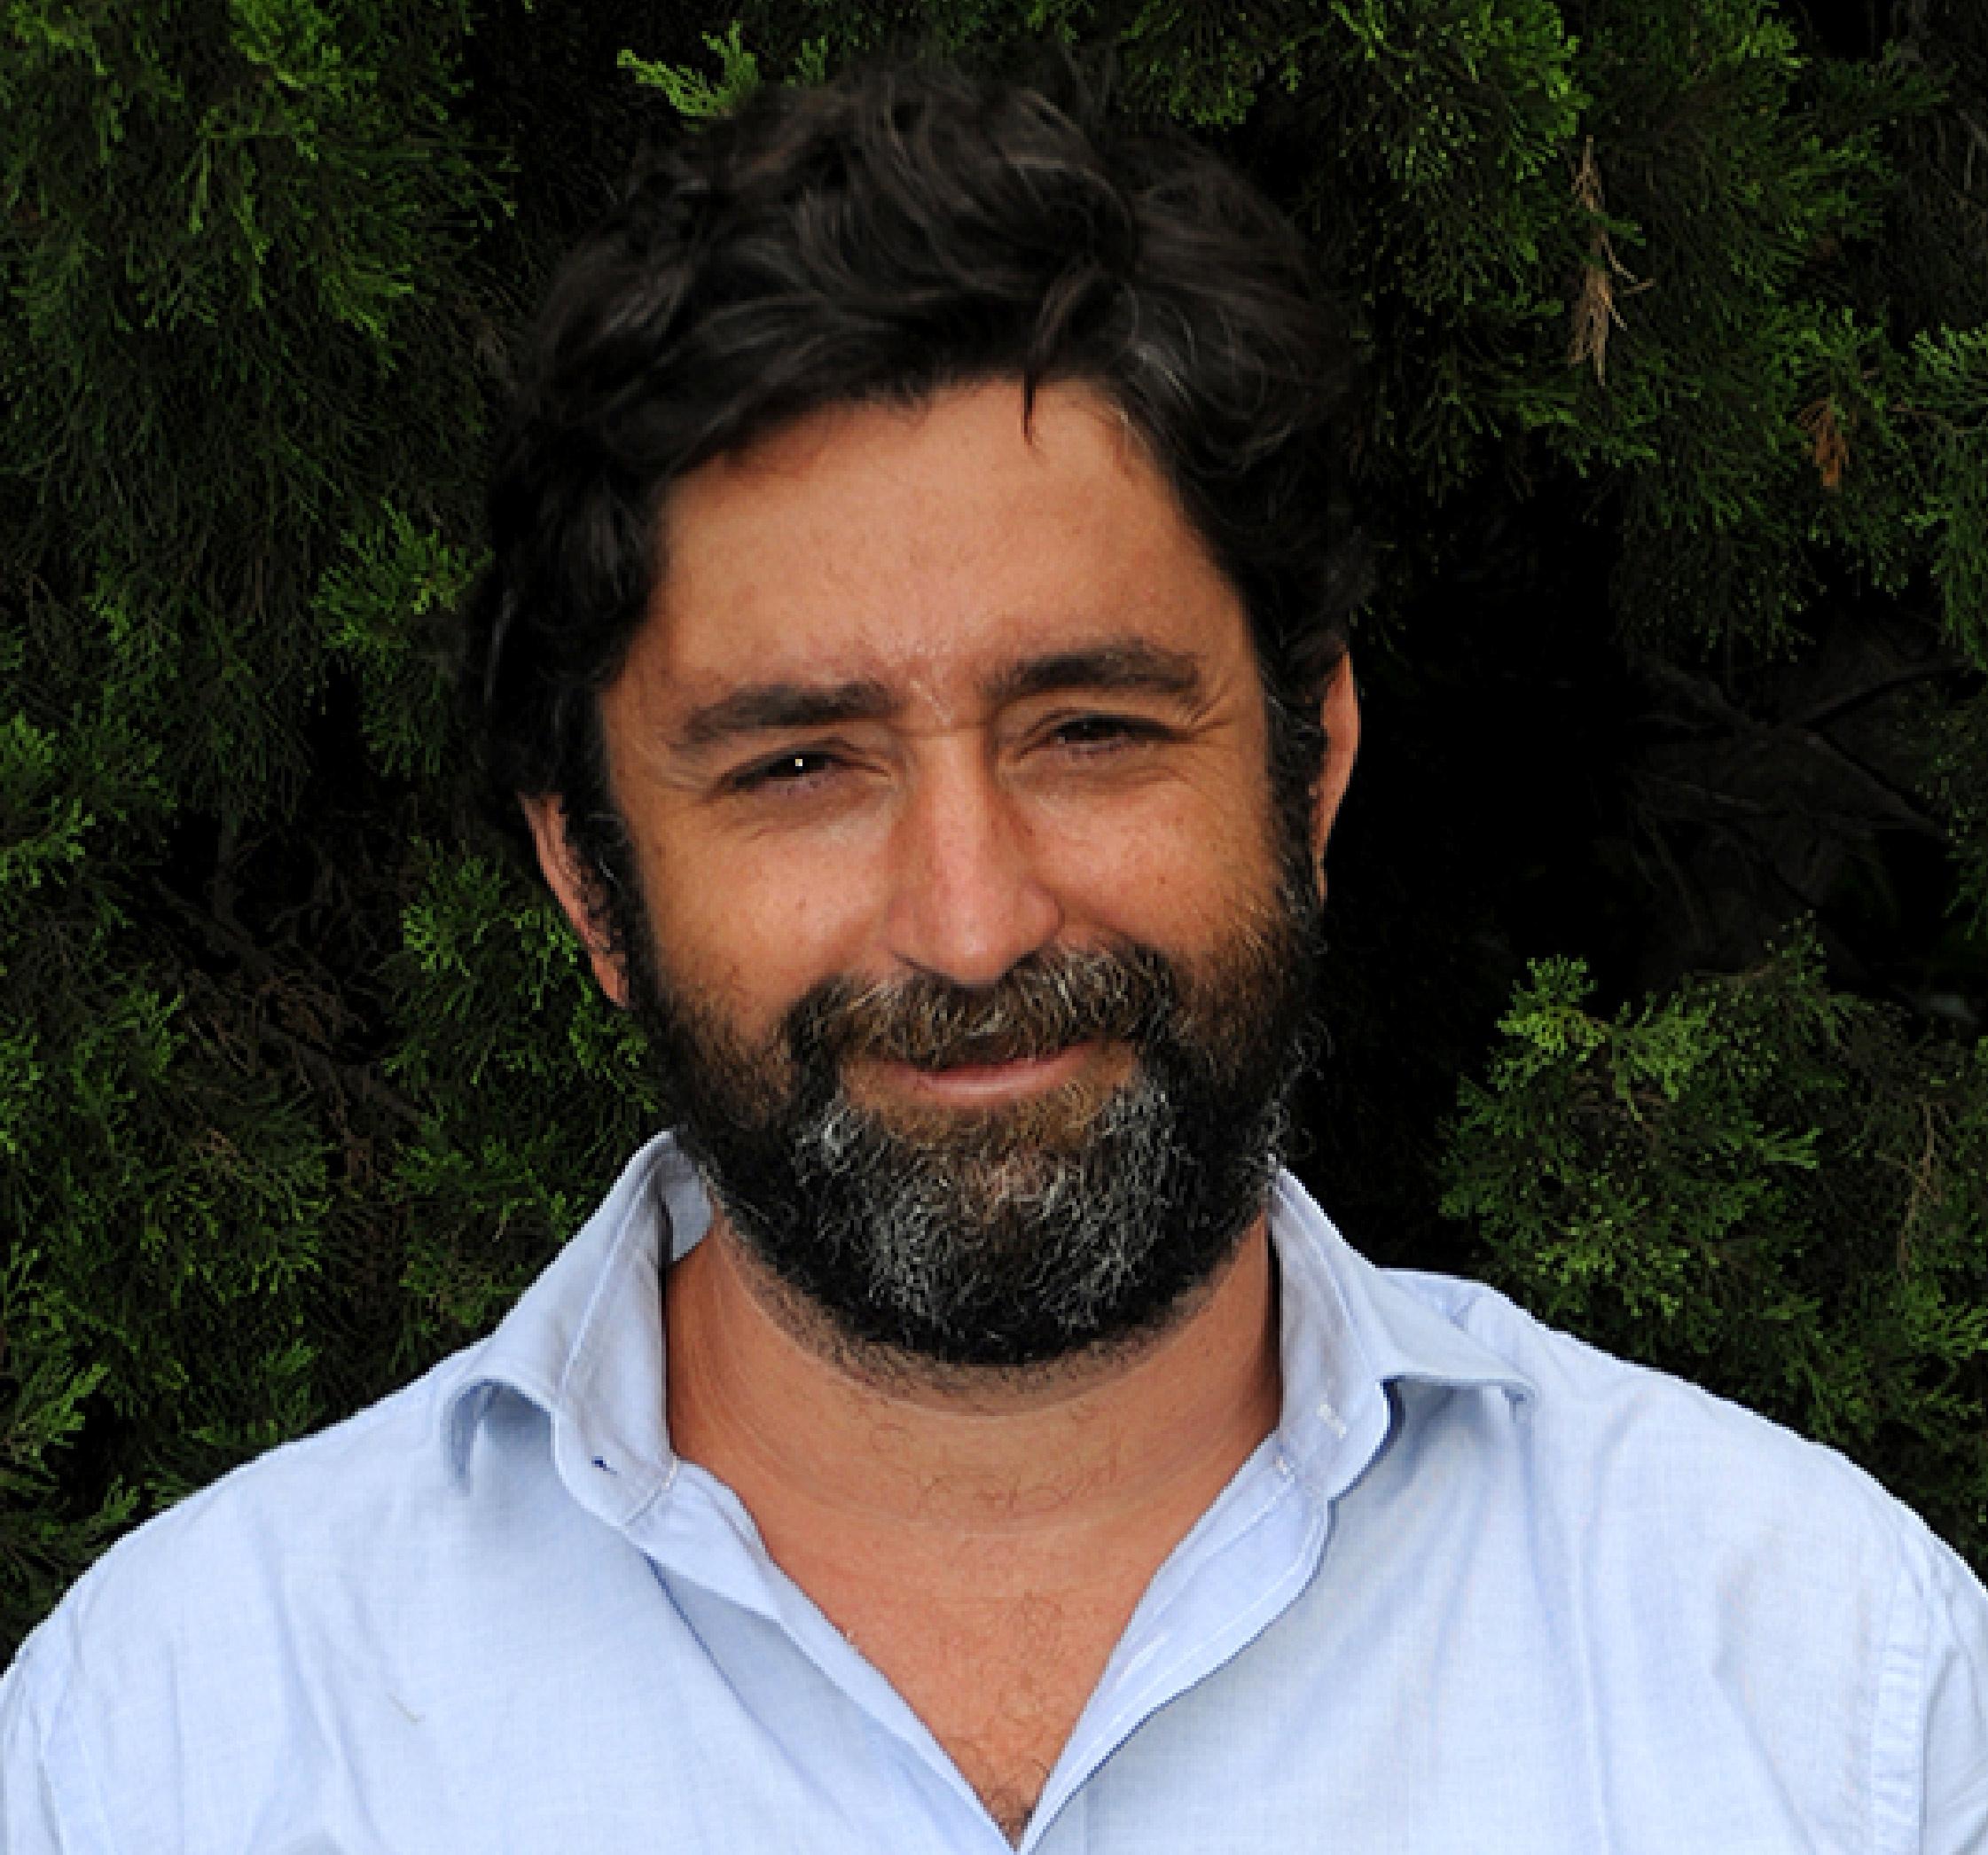 Gonzalo-Iturriaga